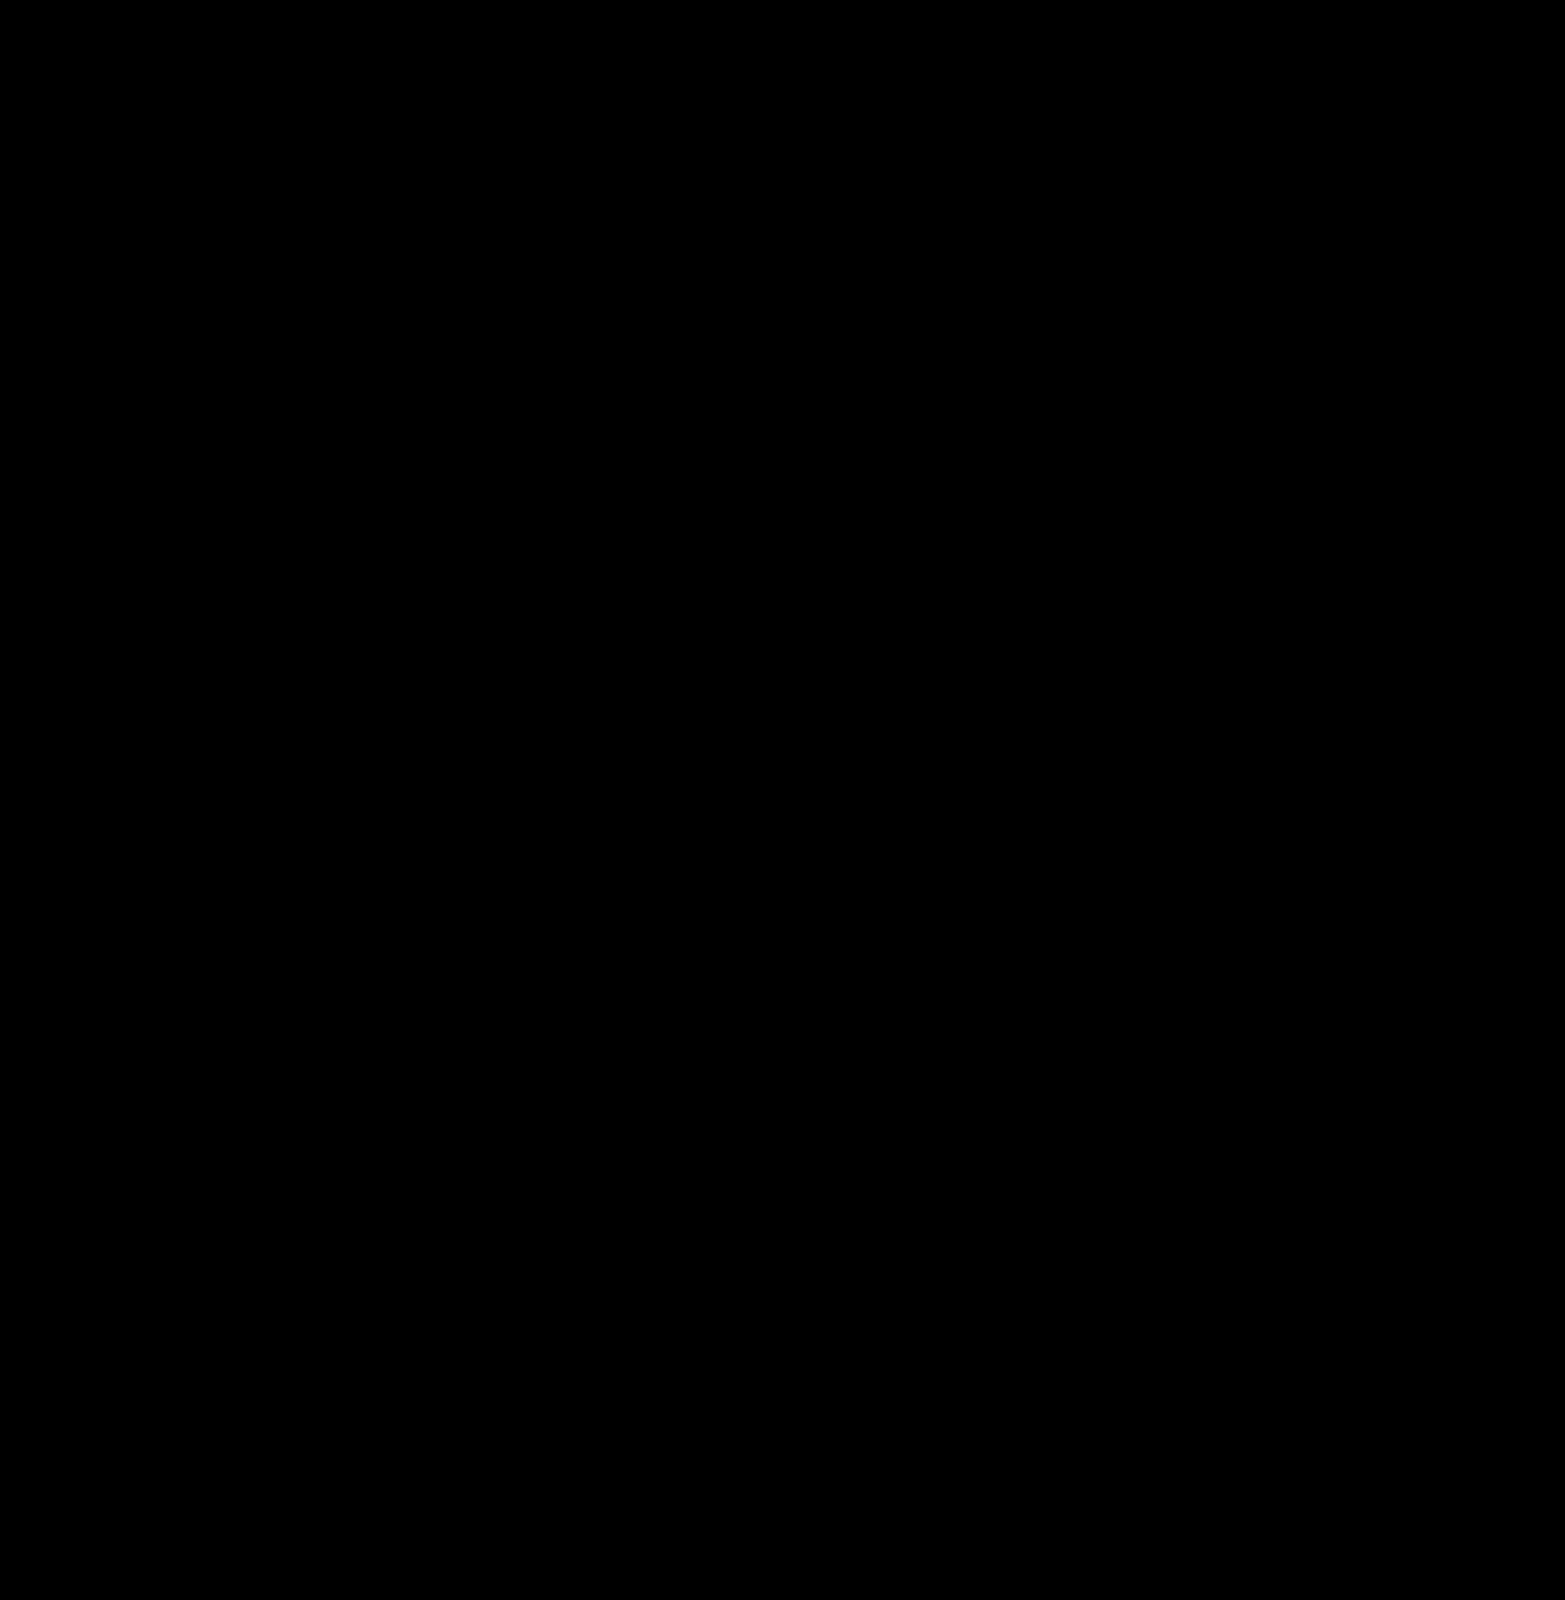 Gambar Kaligrafi Ramadhan